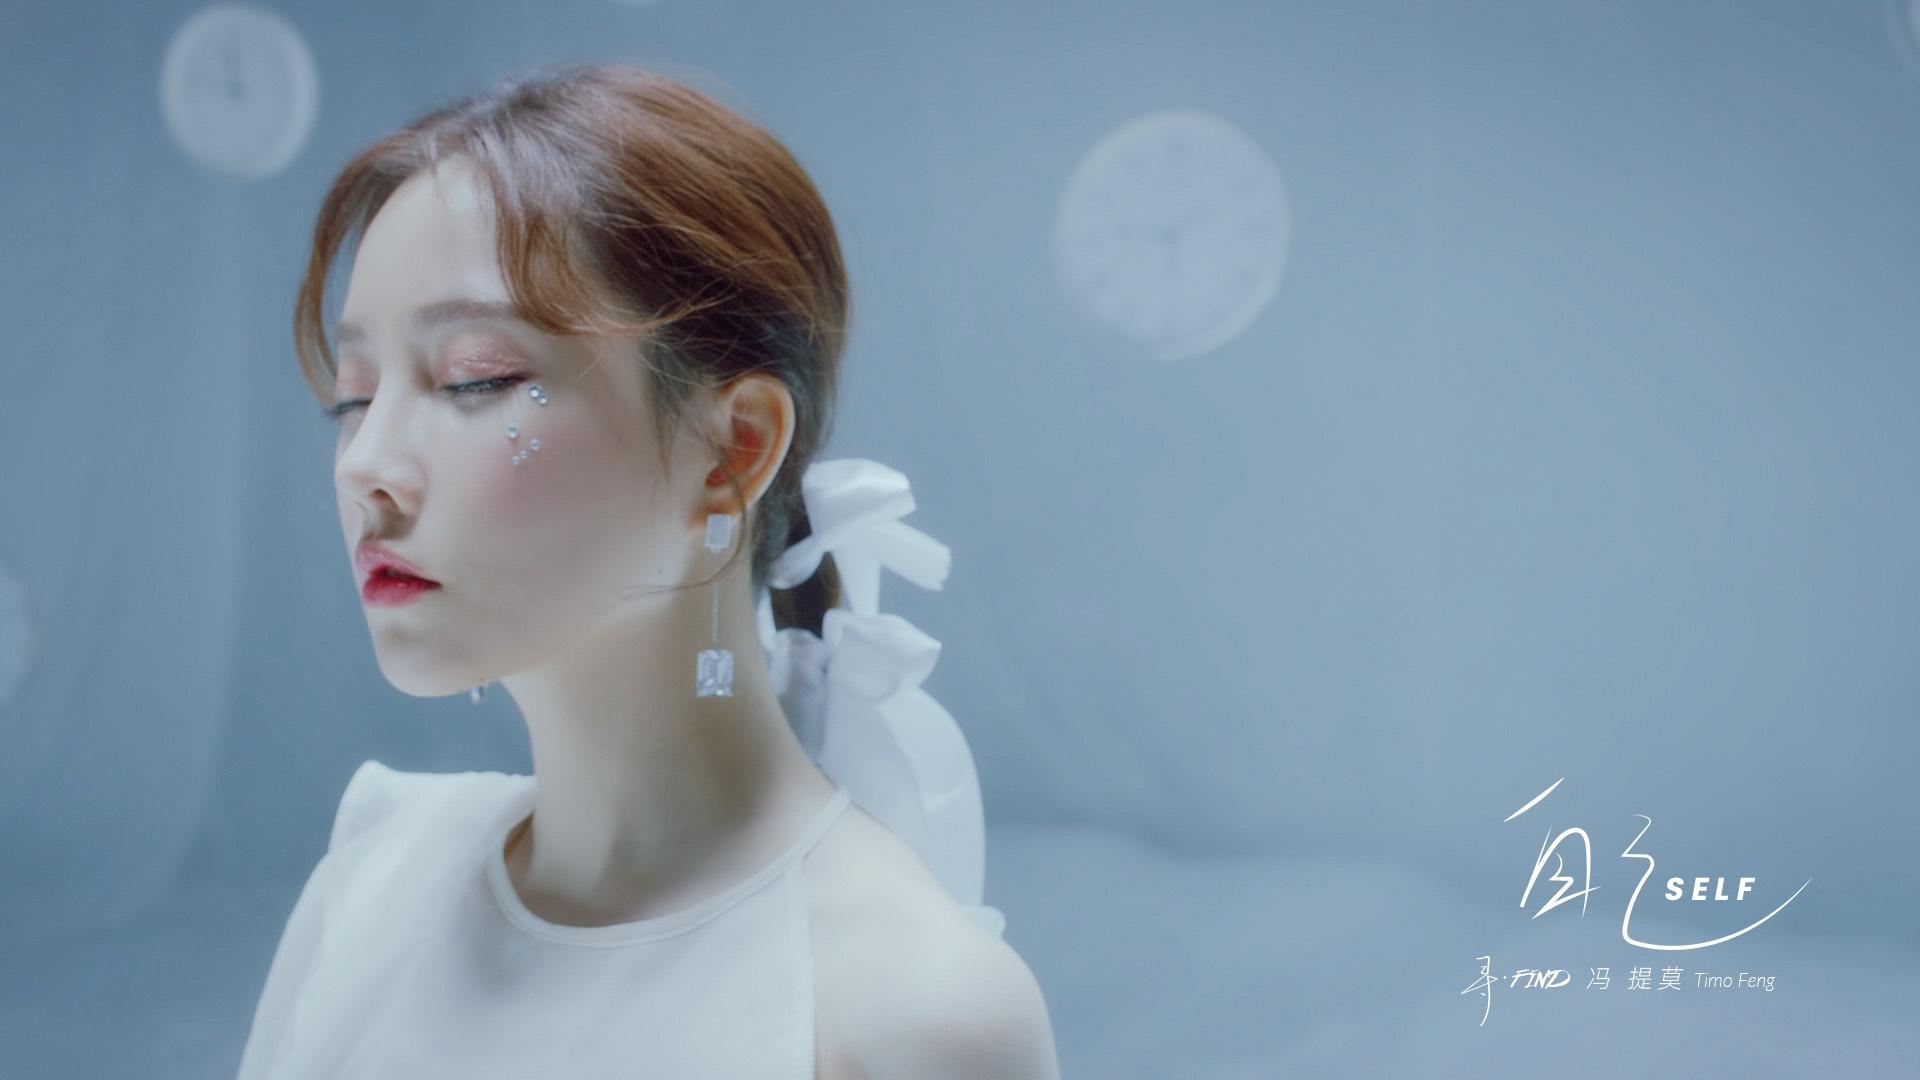 冯提莫全新单曲《自己》MV分饰两角演绎反转魅力